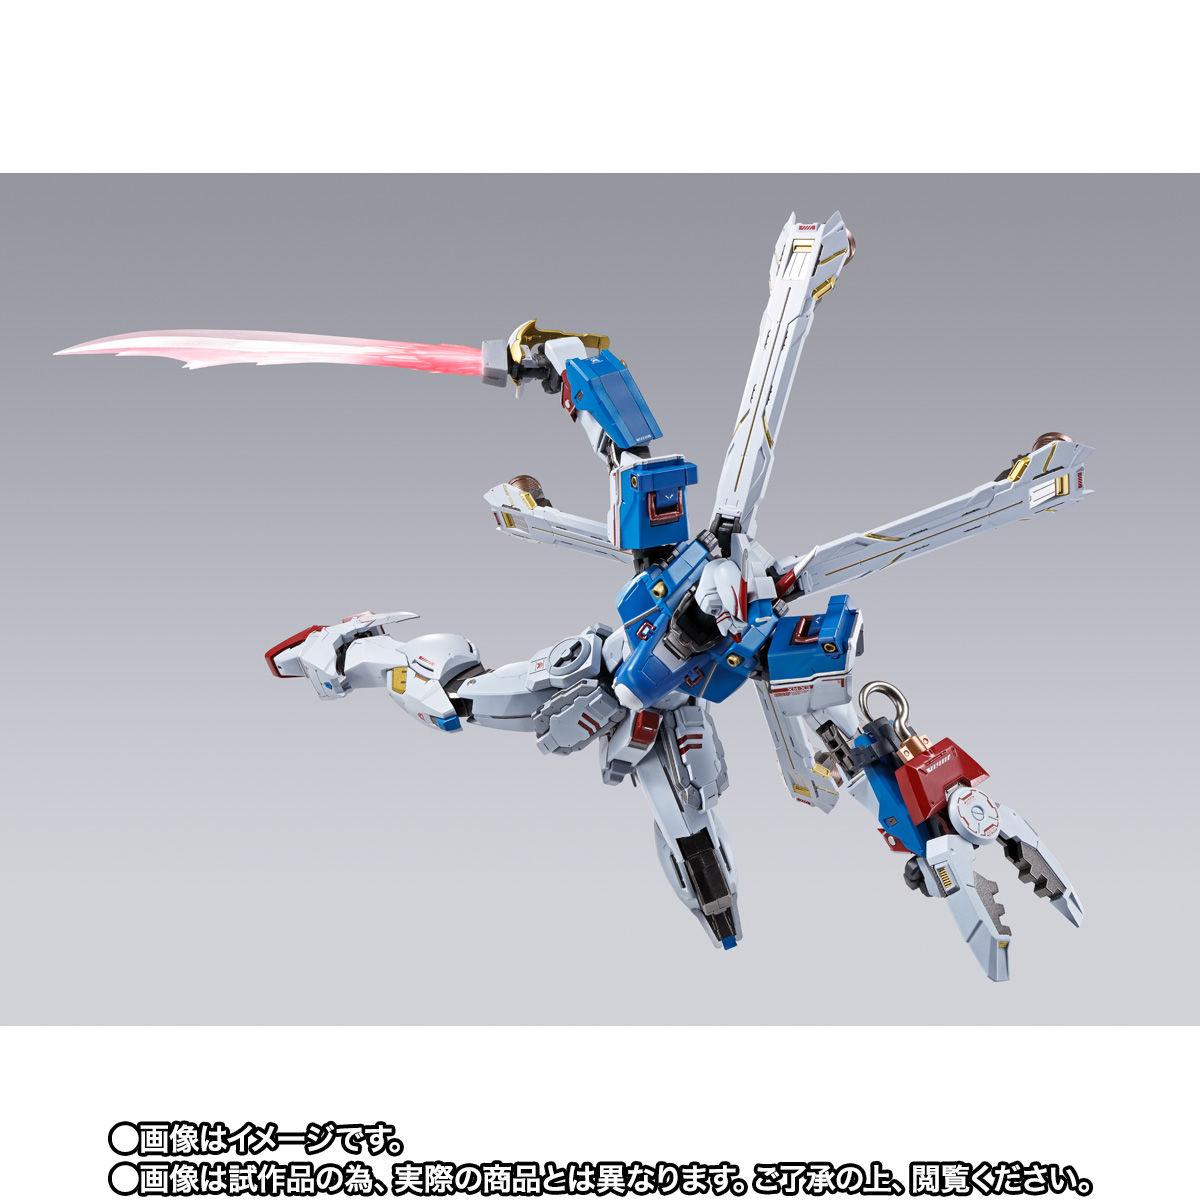 【限定販売】METAL BUILD『クロスボーン・ガンダムX3』機動戦士クロスボーン・ガンダム 可動フィギュア-004